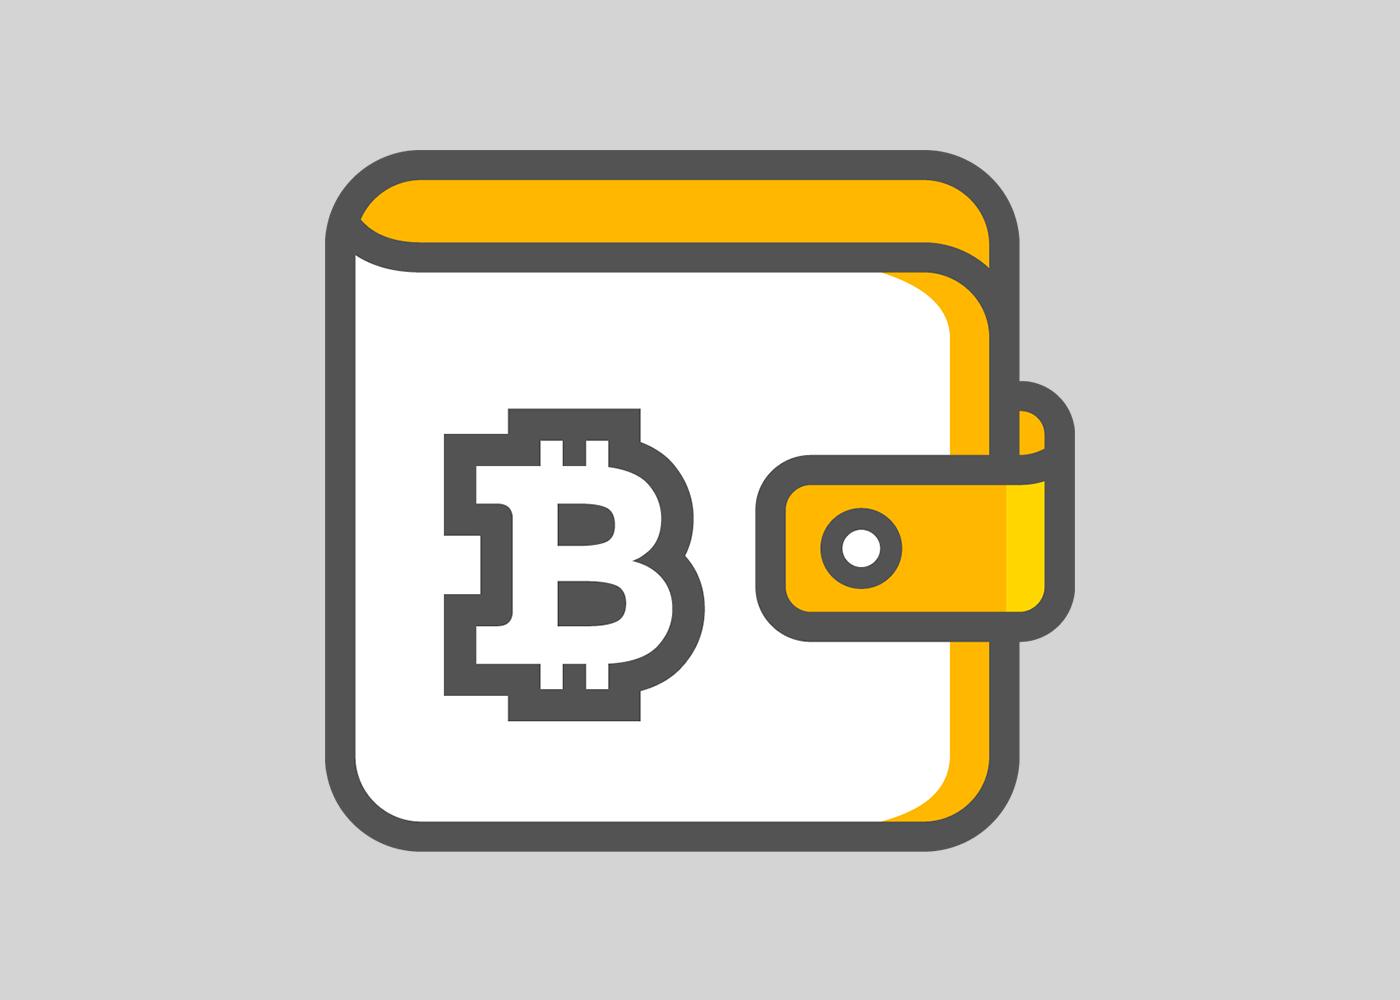 Кошелек Bitcoinru.org — Вход и Регистрация. Как создать Биткоин кошелек?